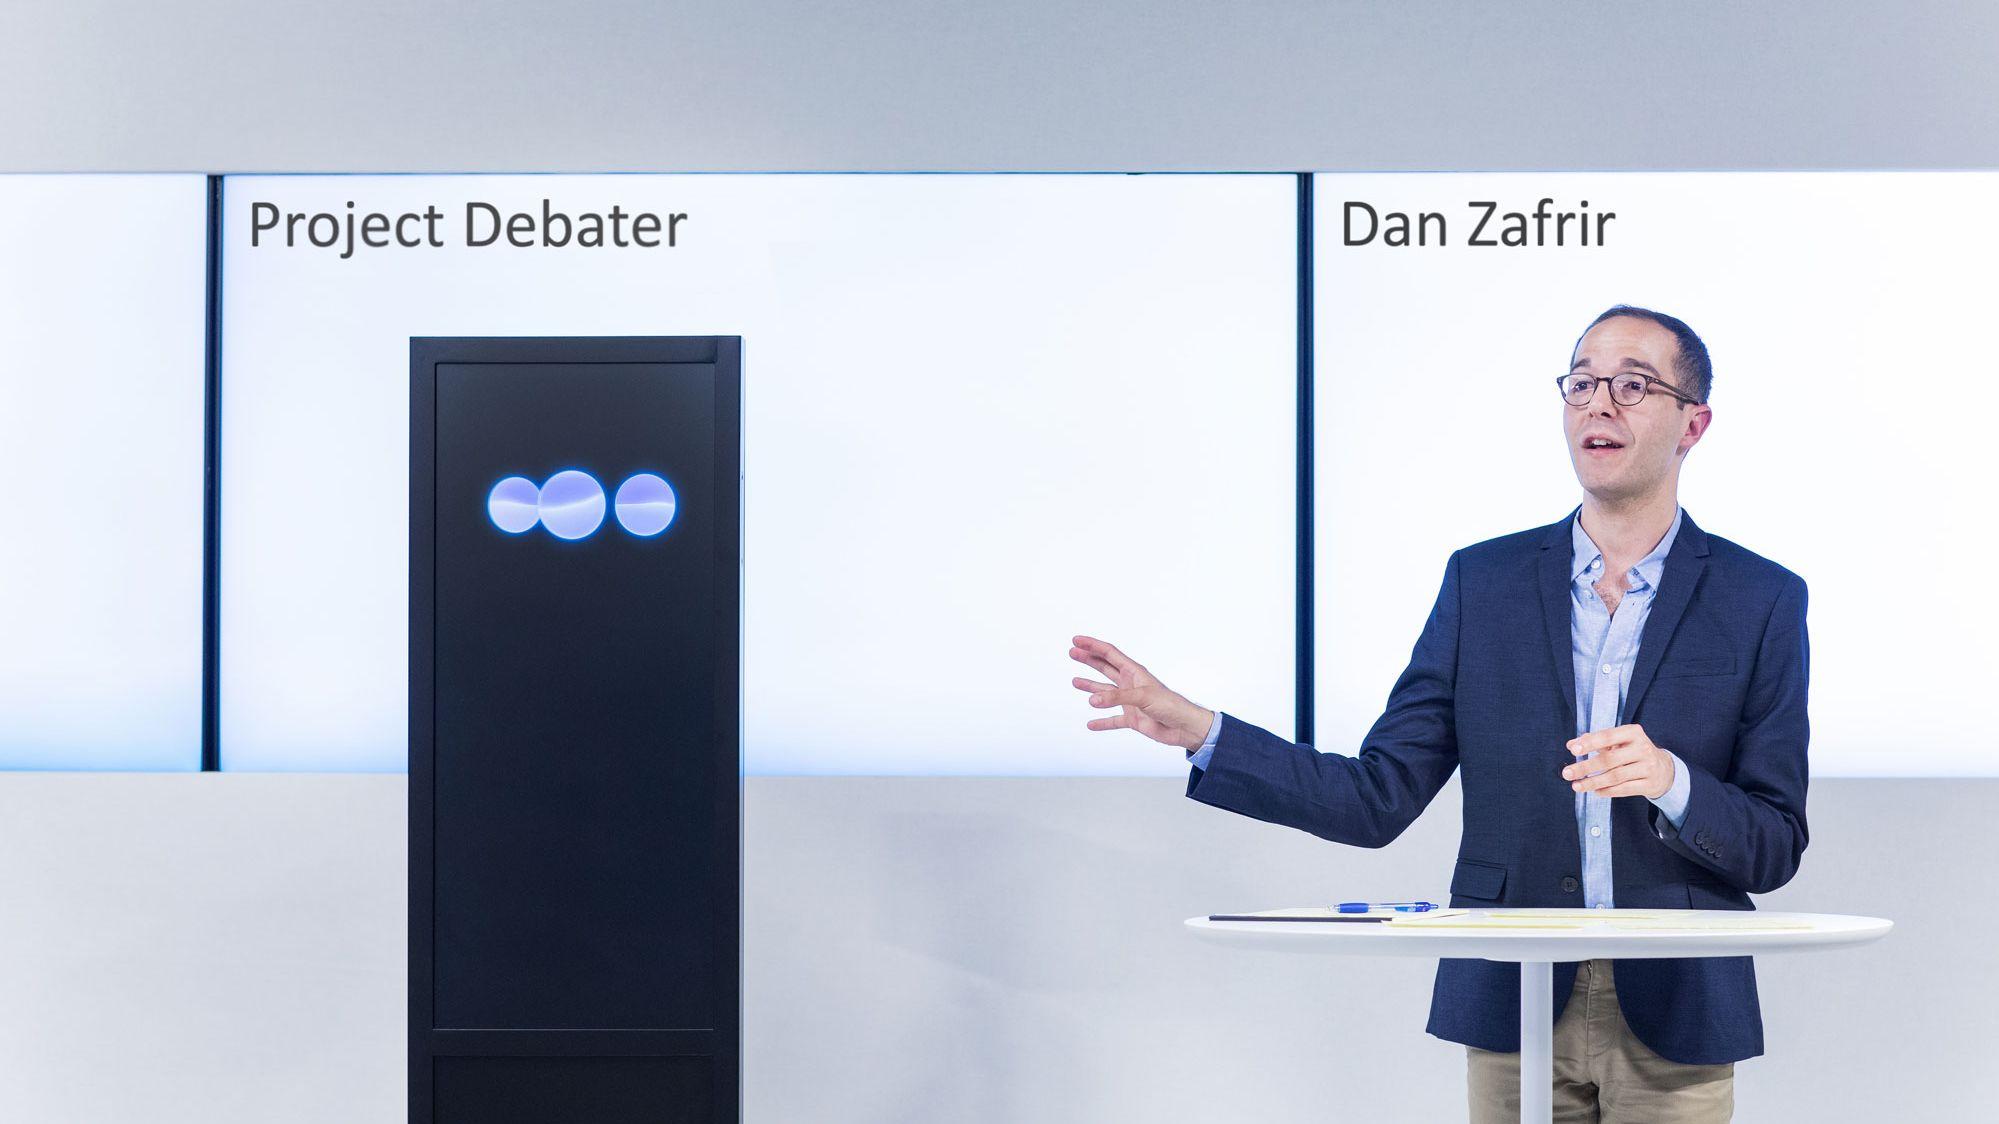 機械は人間との議論に勝てるのか? IBMのディベートAIの実力